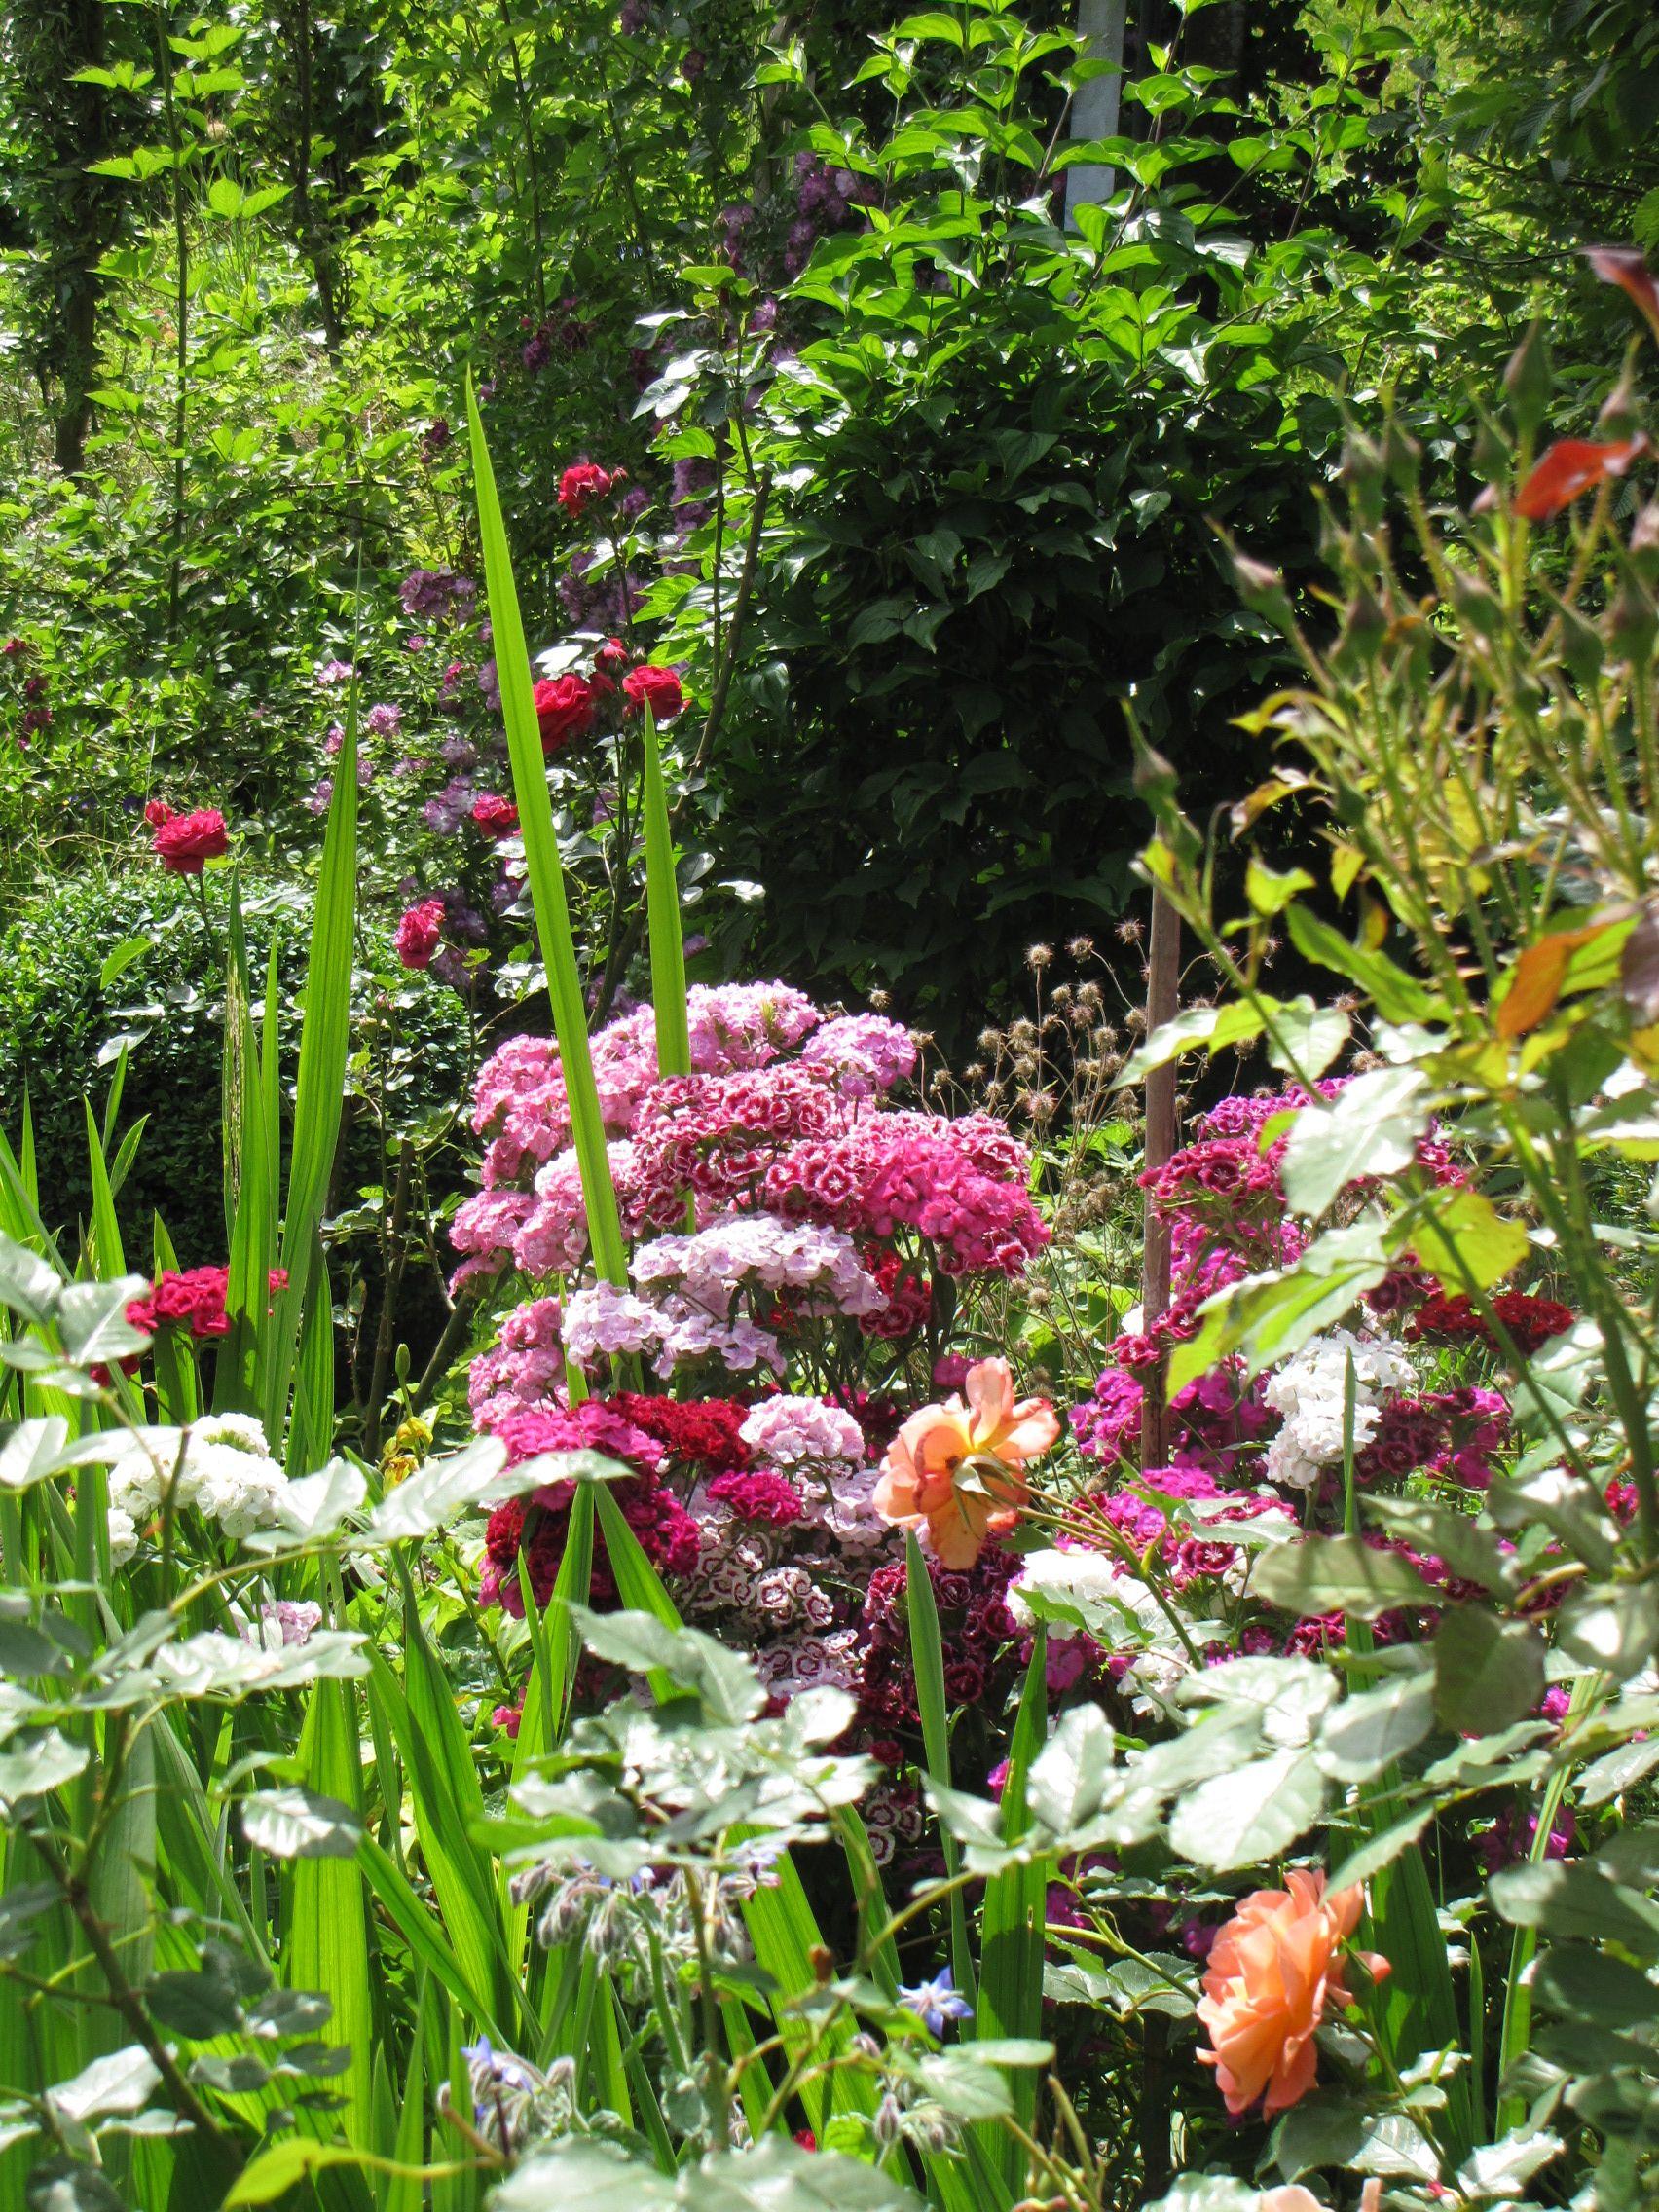 Paradiesgarten Maag Im Allgau Design Garten Von Sibylle K Maag Www Paradiesgarten Eu Garten Allgau Paradiesgarten Garten Staudengarten Paradies